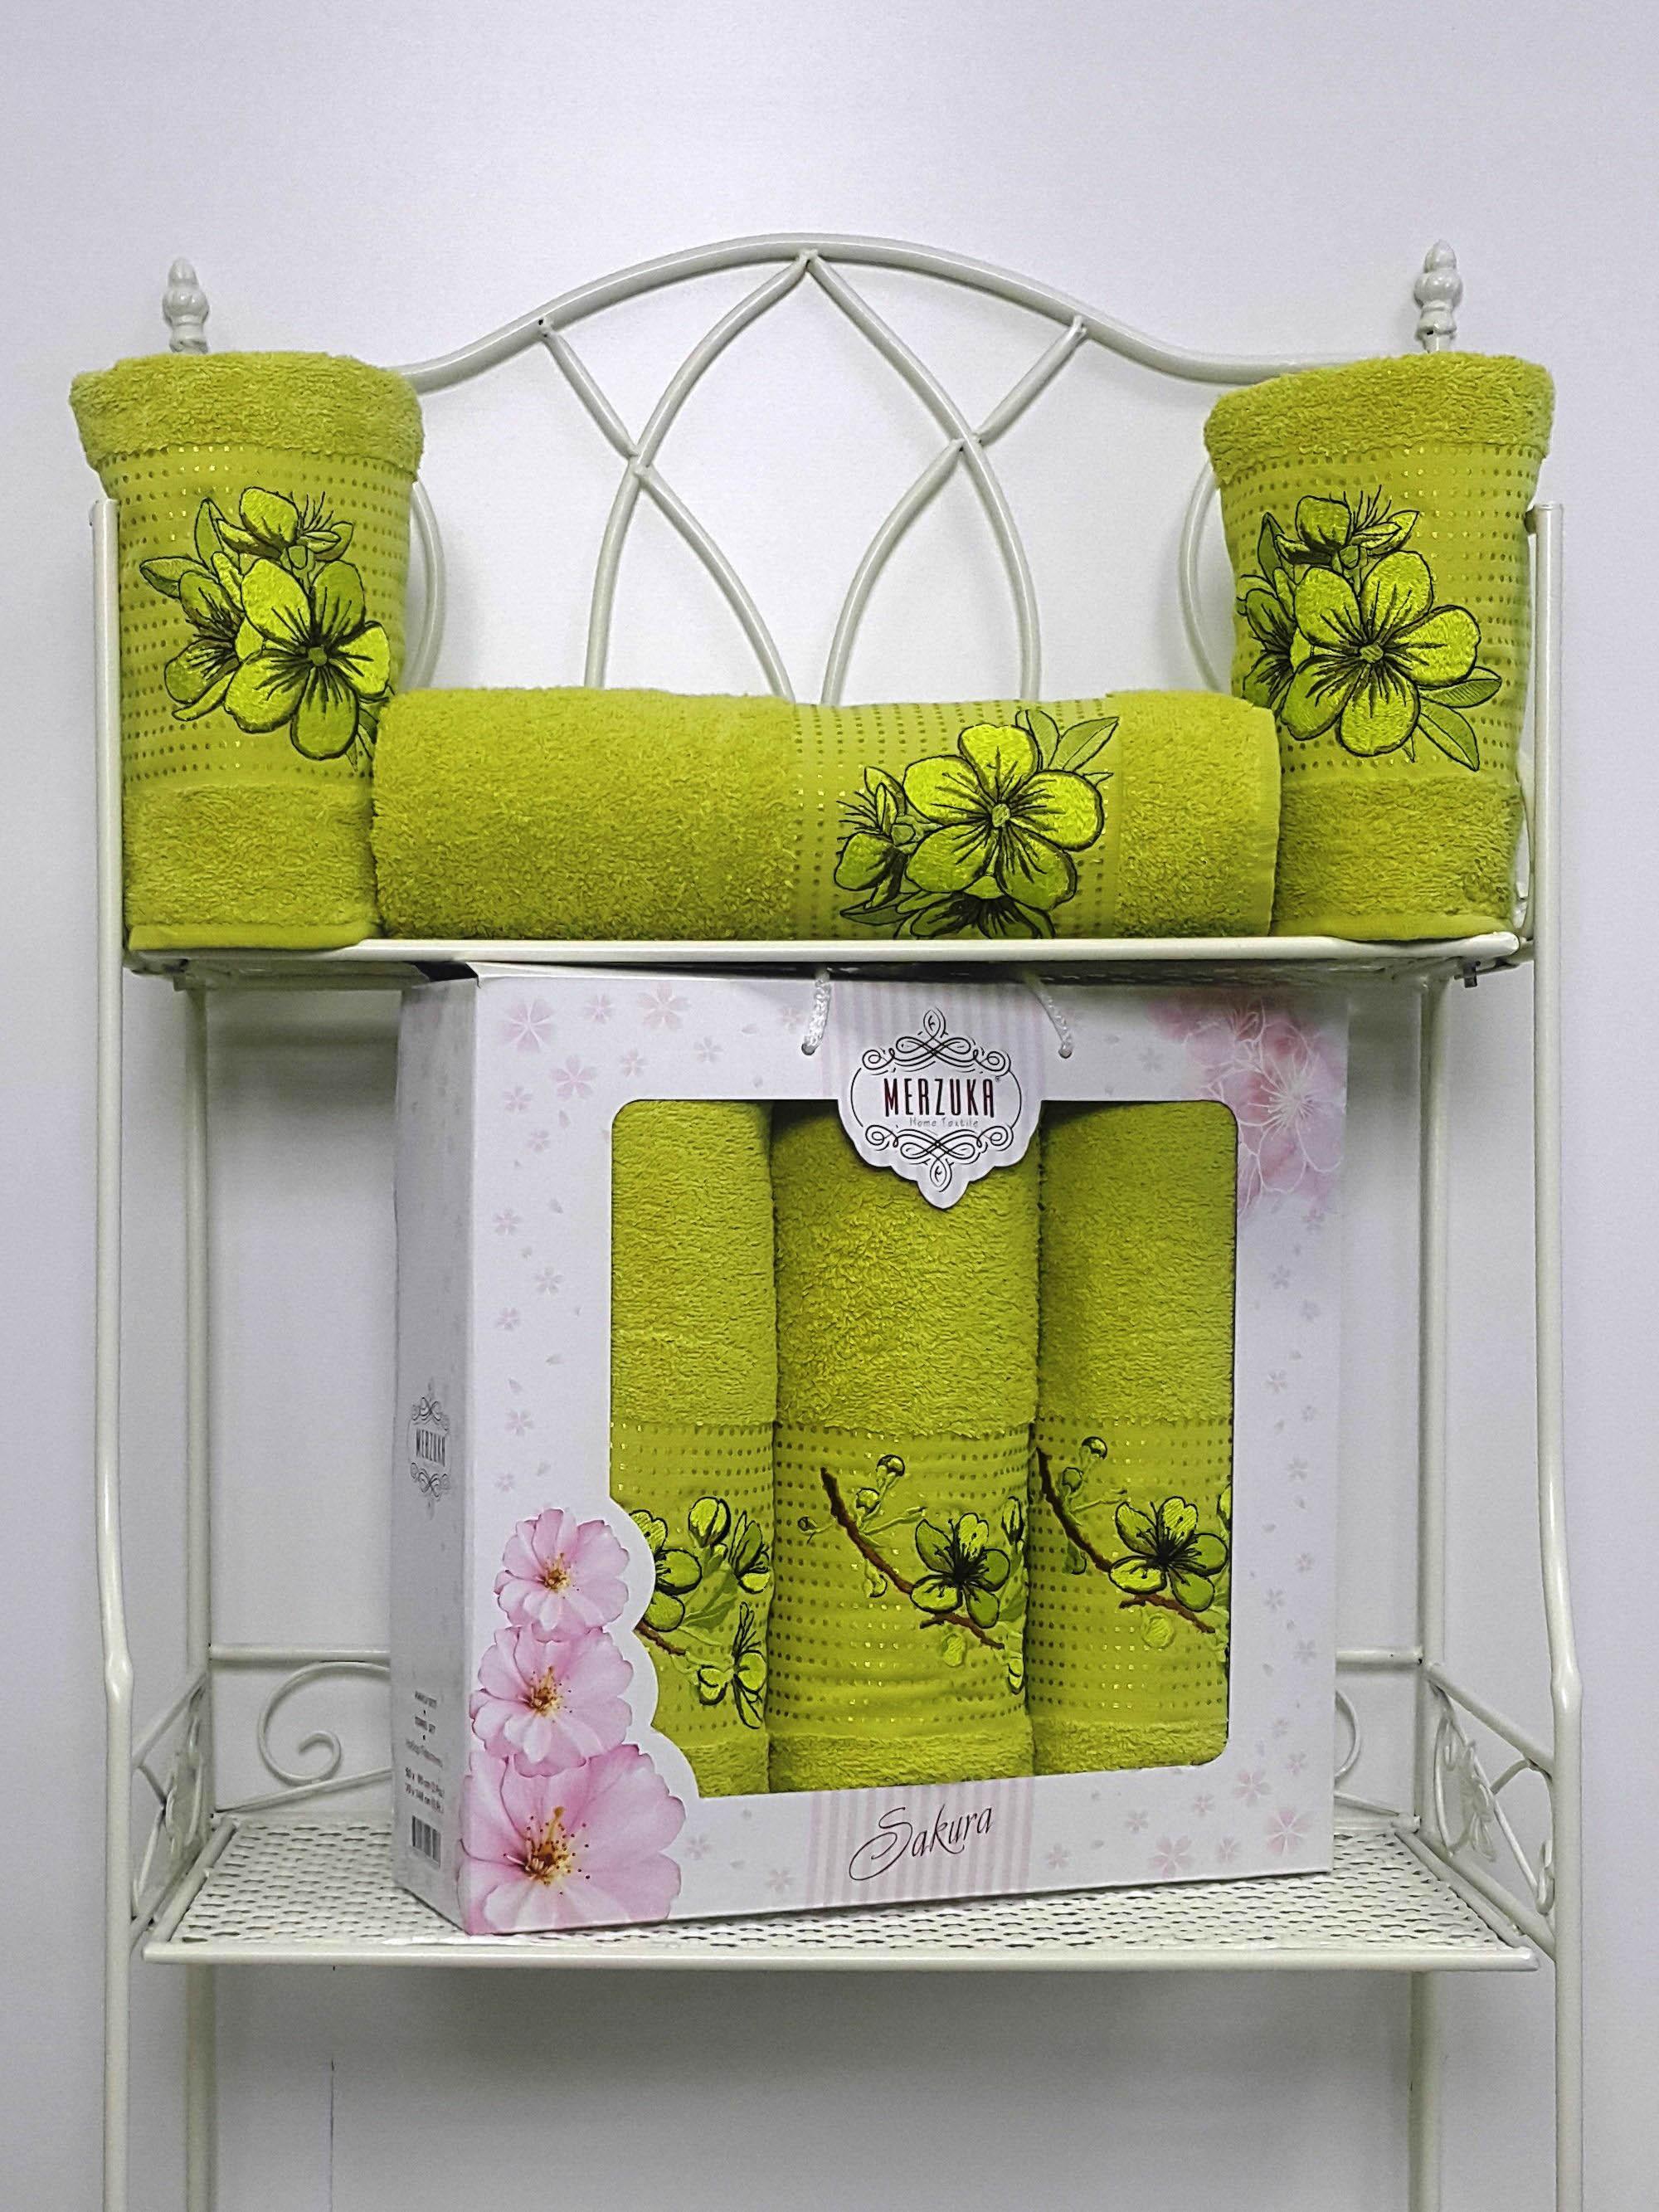 Полотенца Oran Merzuka Набор из 3 полотенец Sakura Цвет: Зелёный полотенца oran merzuka набор из 3 полотенец sakura цвет зелёный